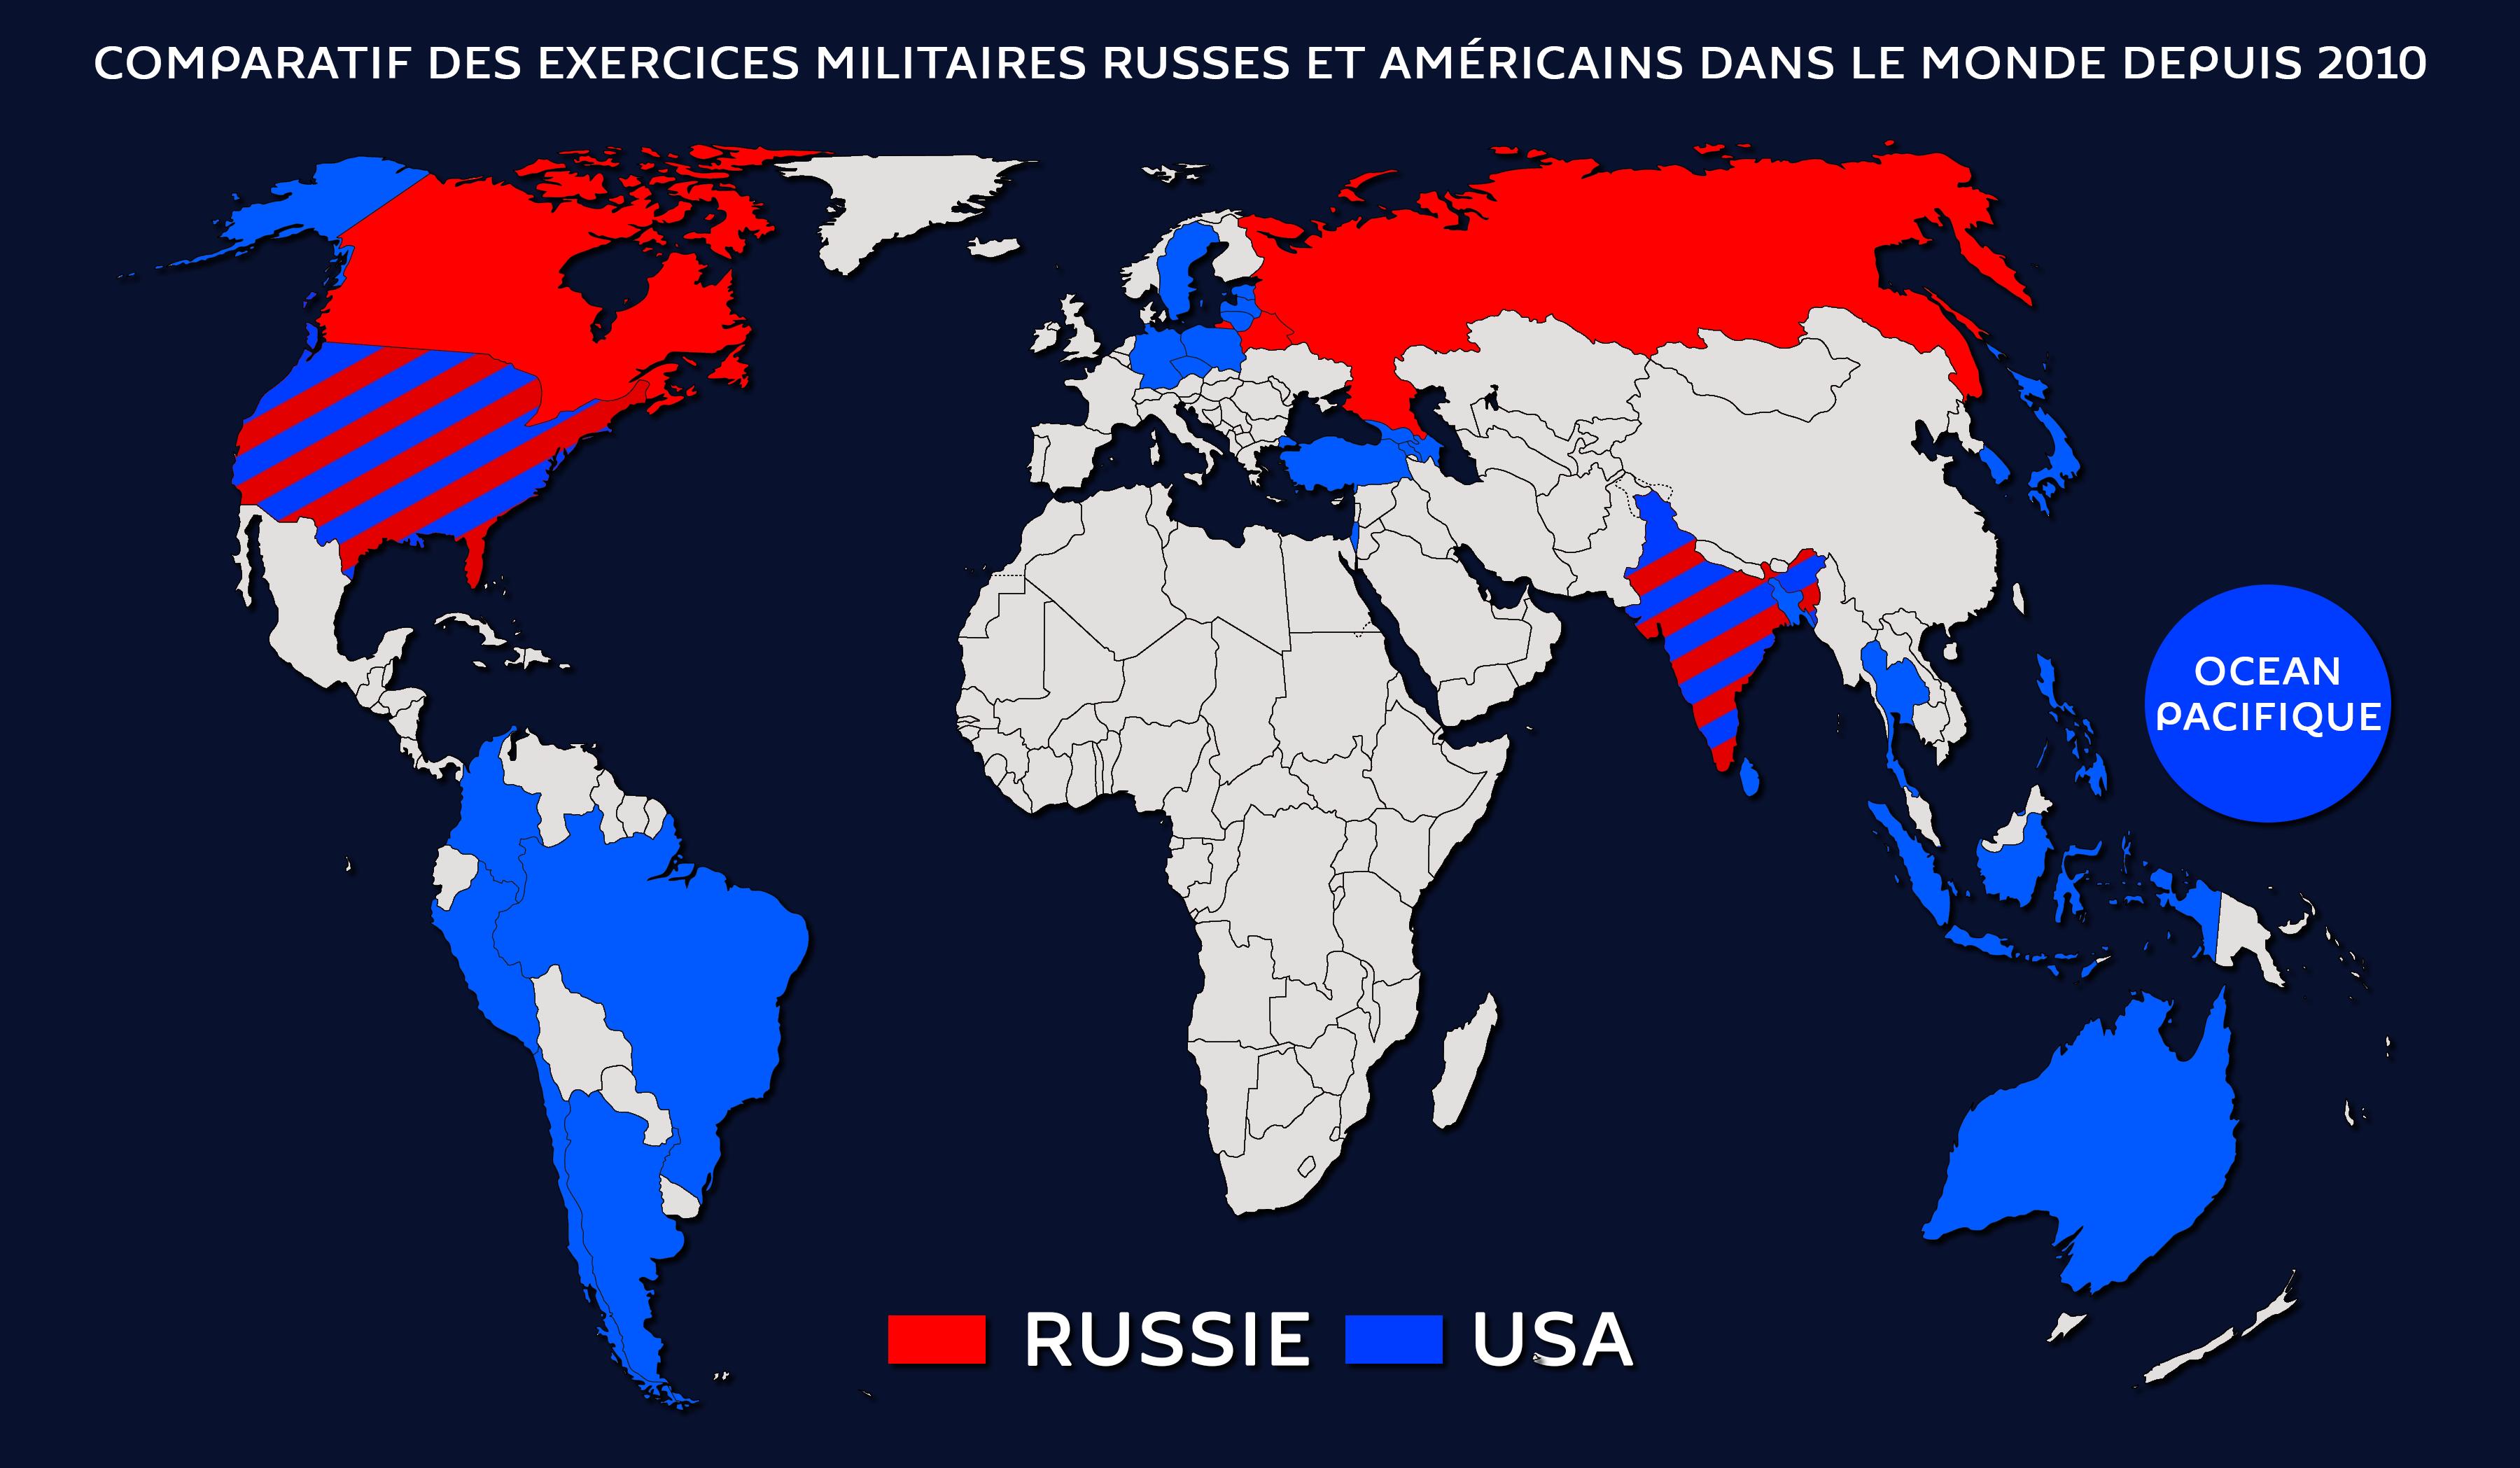 Carte des exercices militaires russes et américains dans le monde depuis 2010